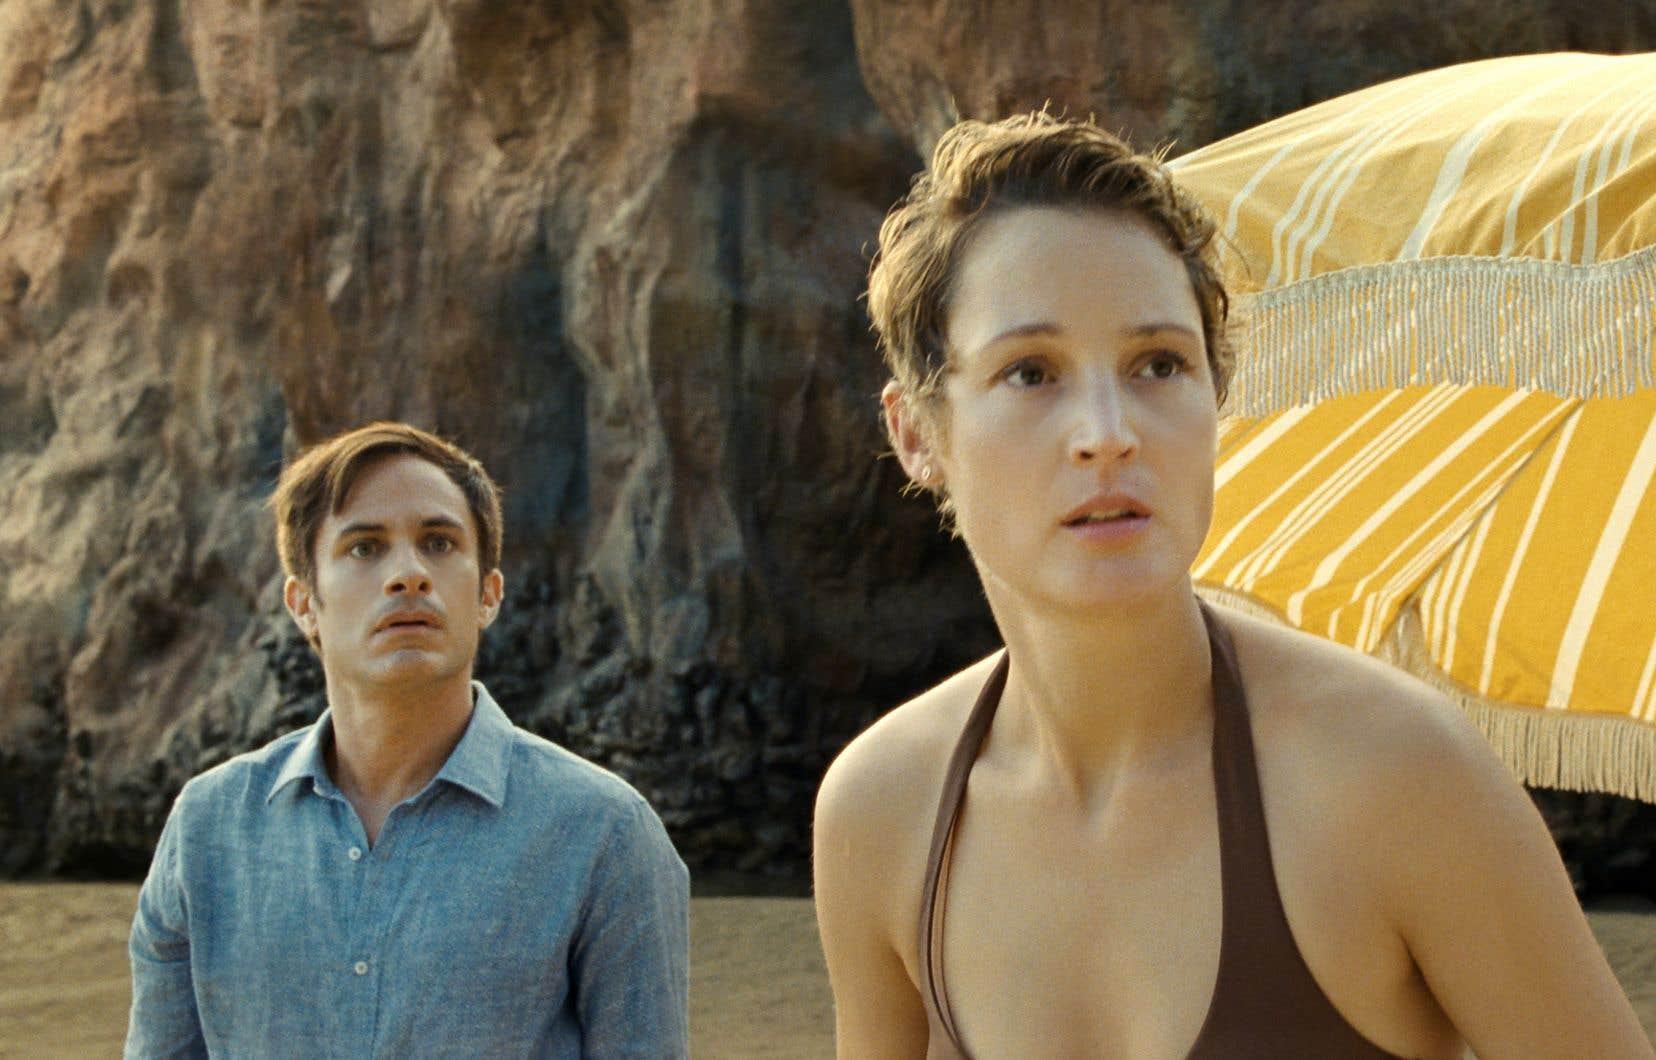 En instance de divorce, Guy (Gael García Bernal) et Prisca (Vicky Krieps) emmènent leurs enfants pour de dernières vacances familiales dans un tout compris luxueux…